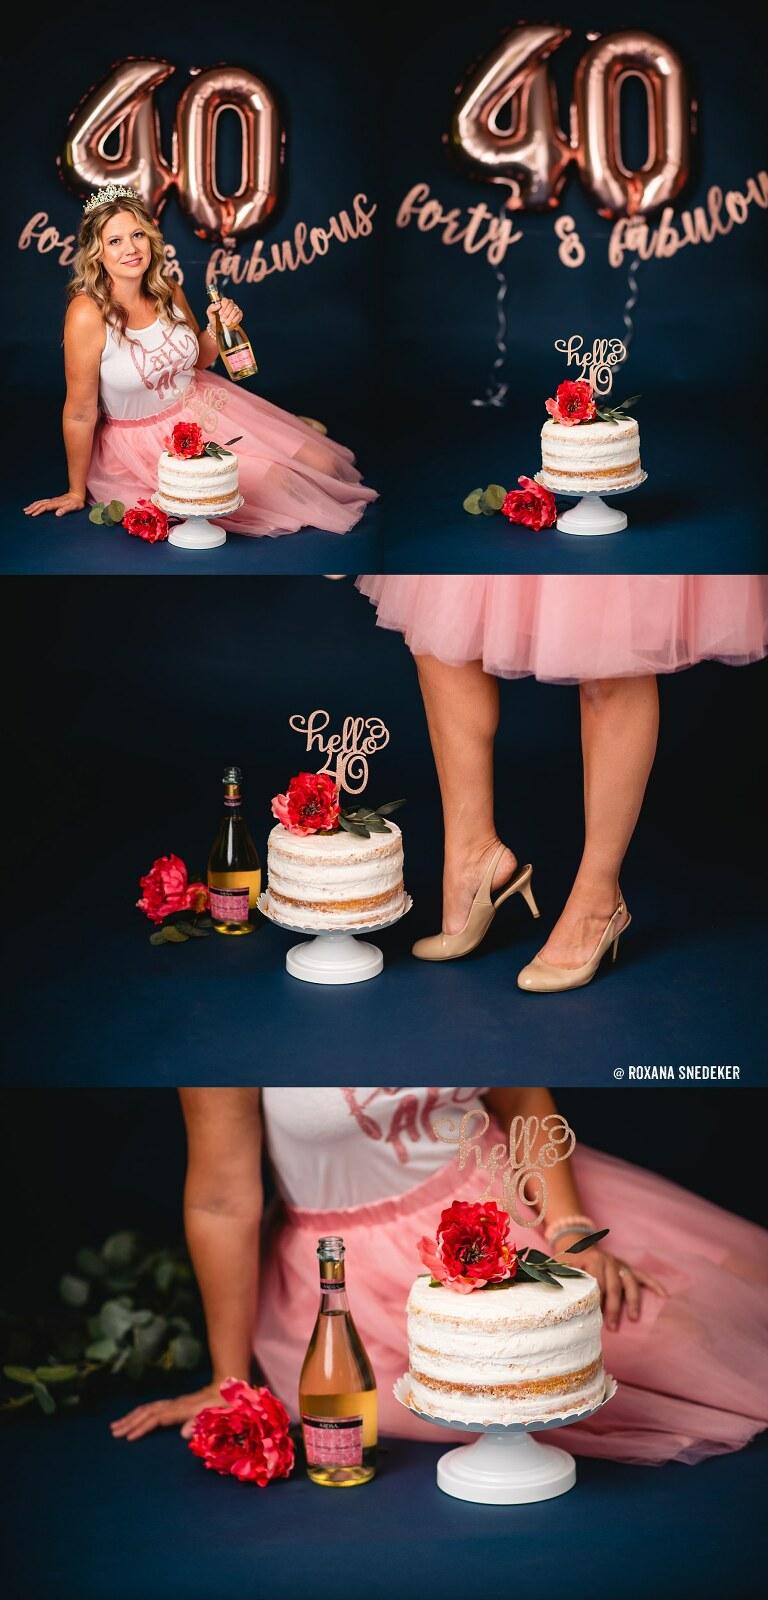 Adult Cake Smash | Happy 40th Birthday Bethany! Studio Photoshoot